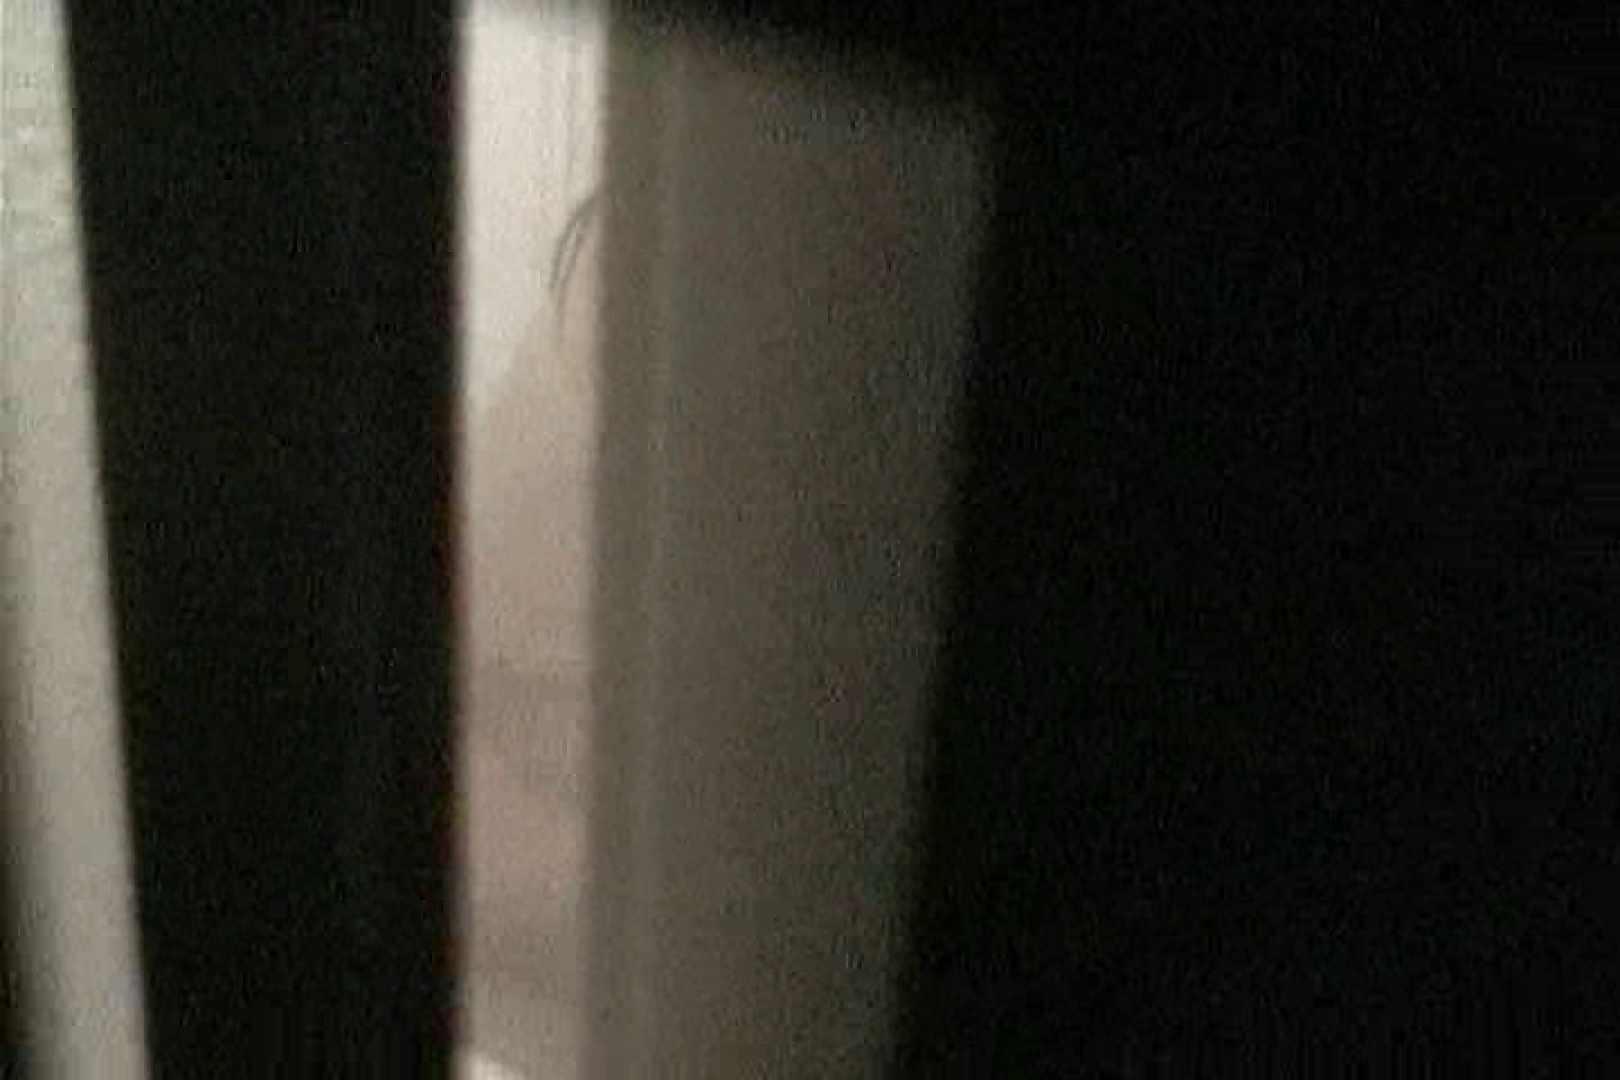 民家の騎士さんの最後の性戦Vol.1 プライベート SEX無修正画像 56画像 8